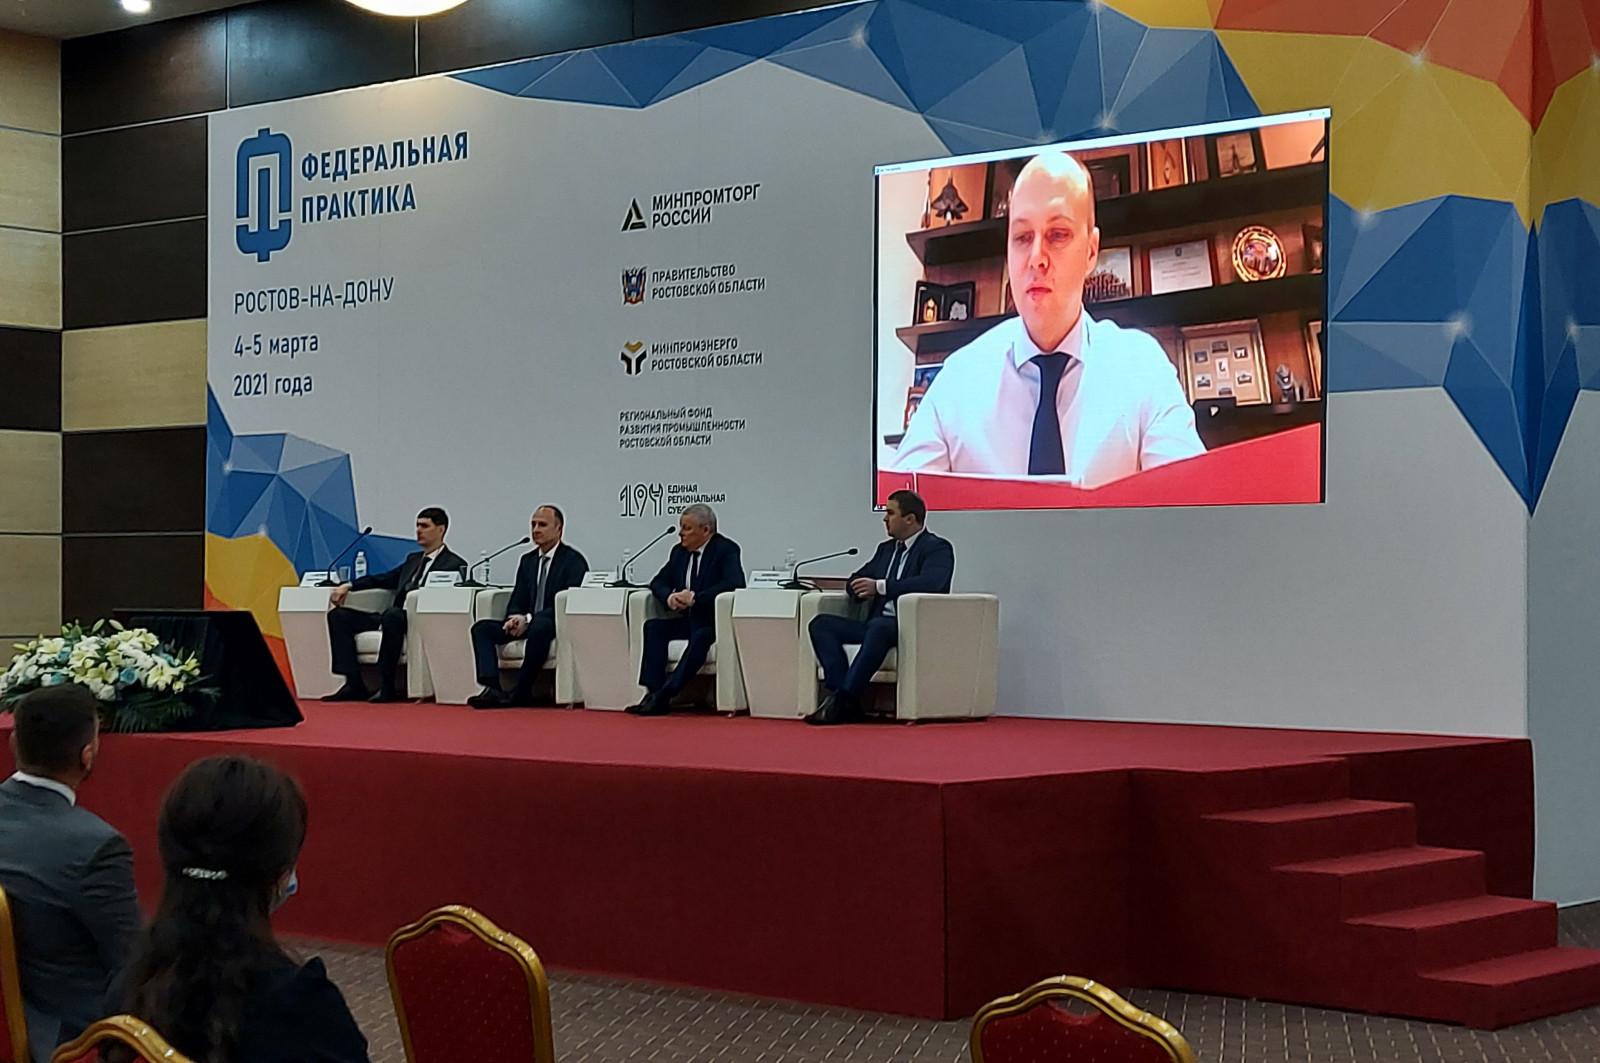 В Ростове проходит выездная стажировка промышленников «Федеральная практика»